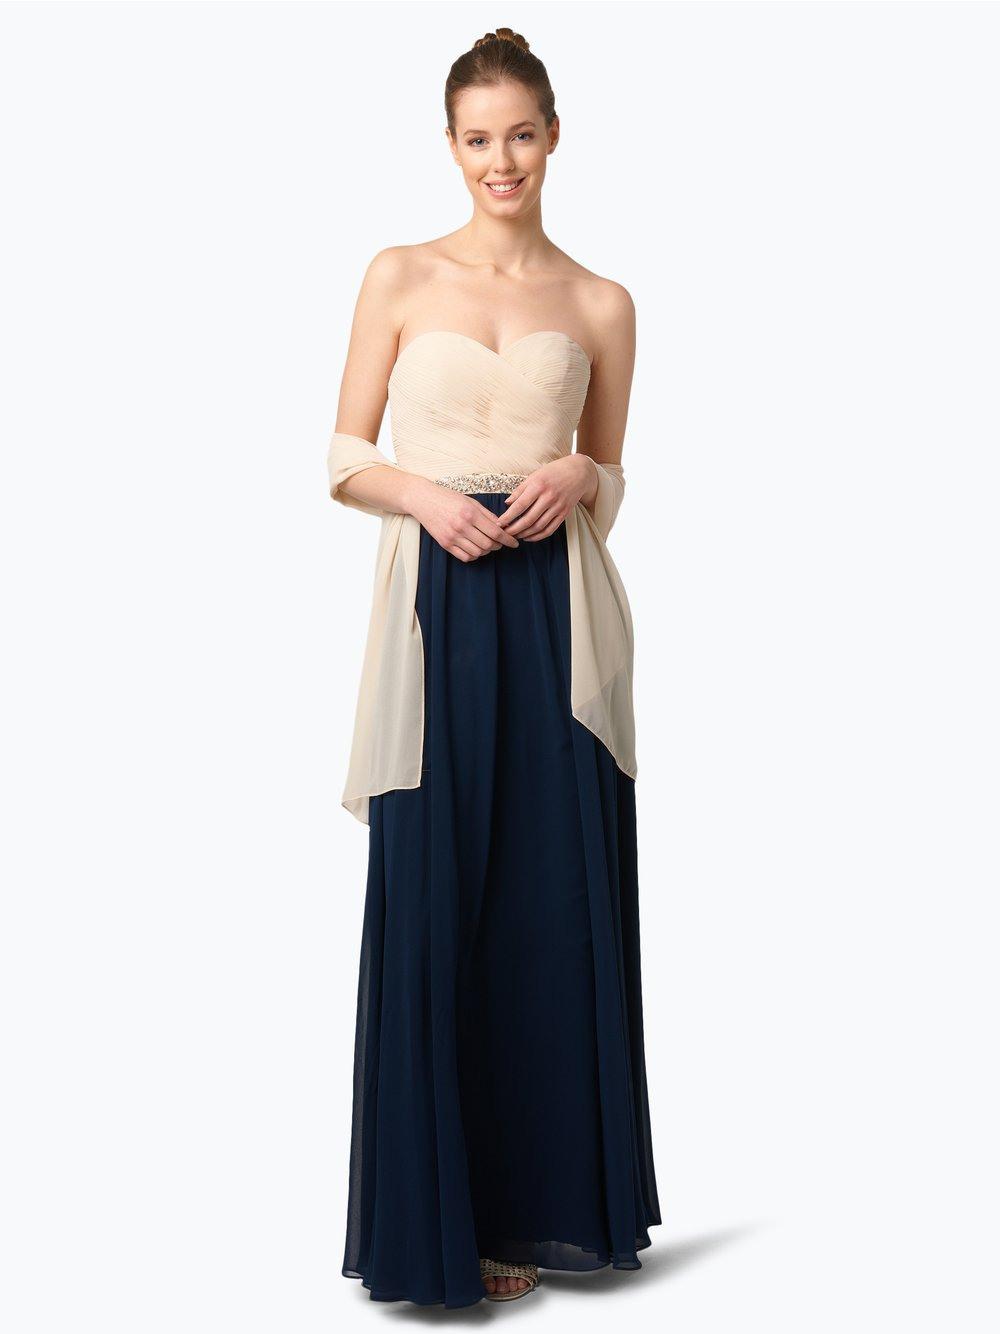 17 Genial Abendkleid Niente Bester Preis10 Elegant Abendkleid Niente Boutique